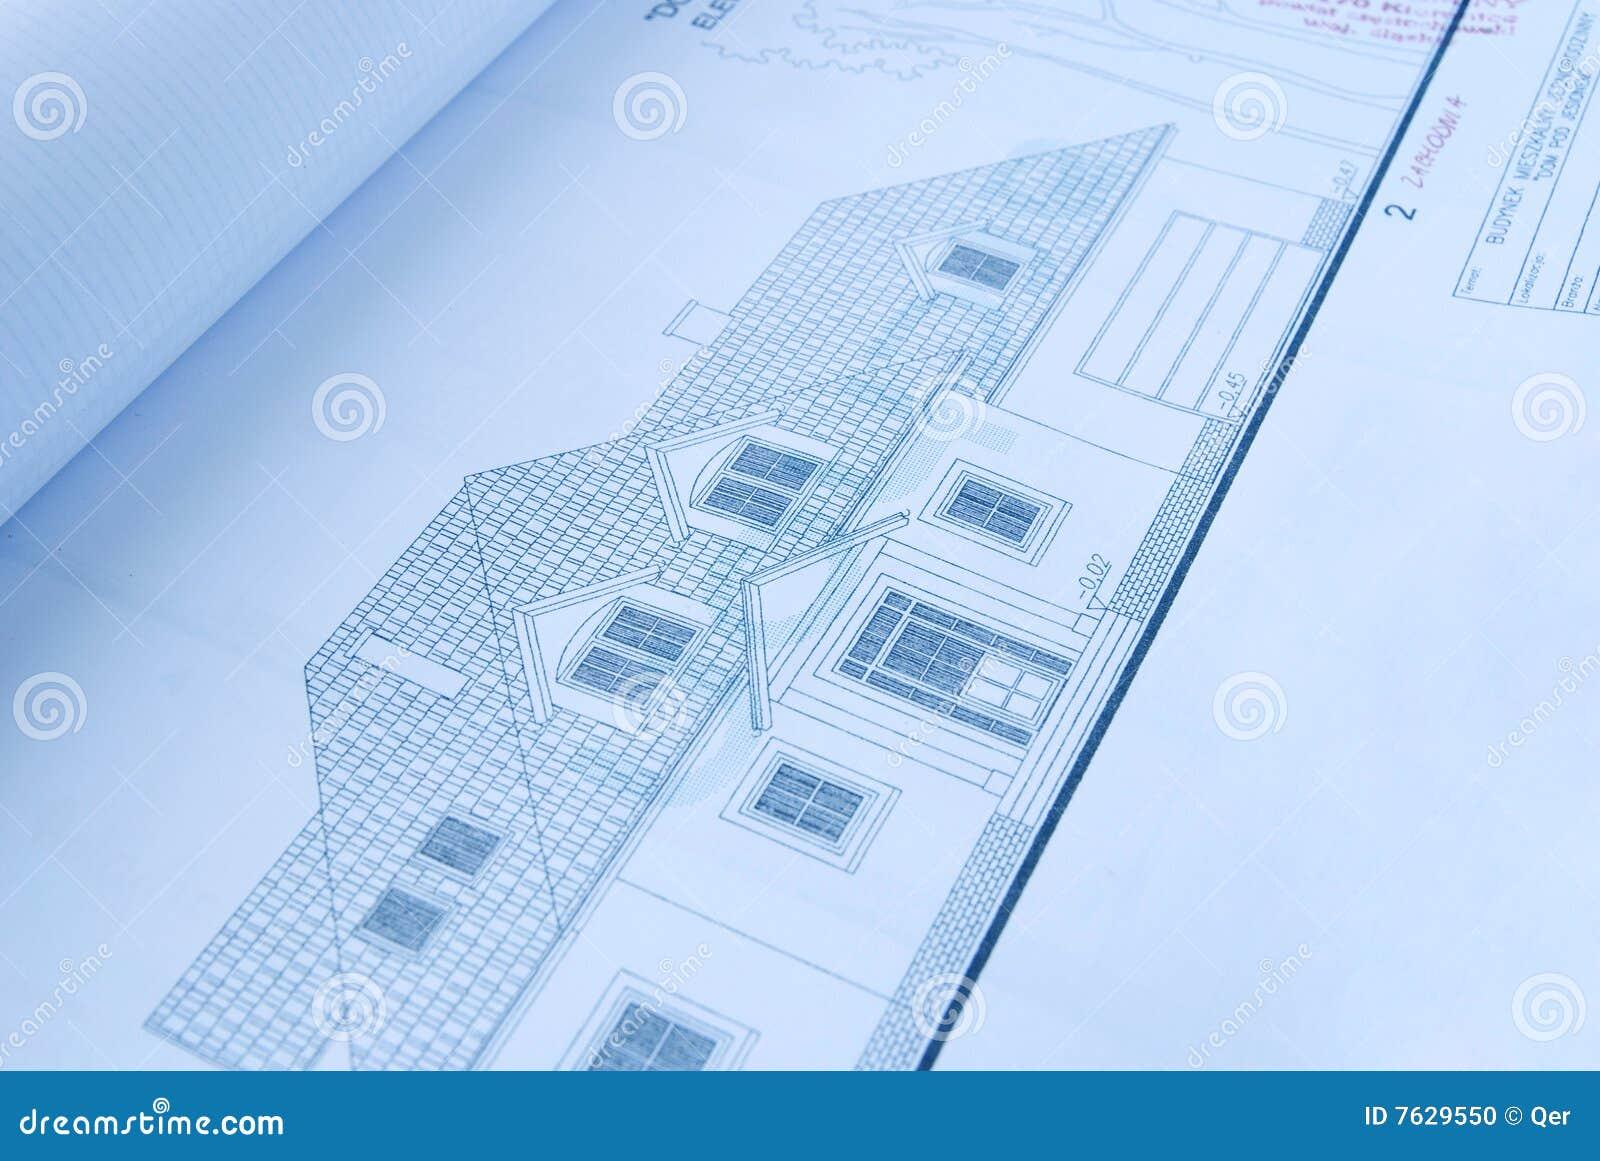 Plan la maison neuf for Maison neuf